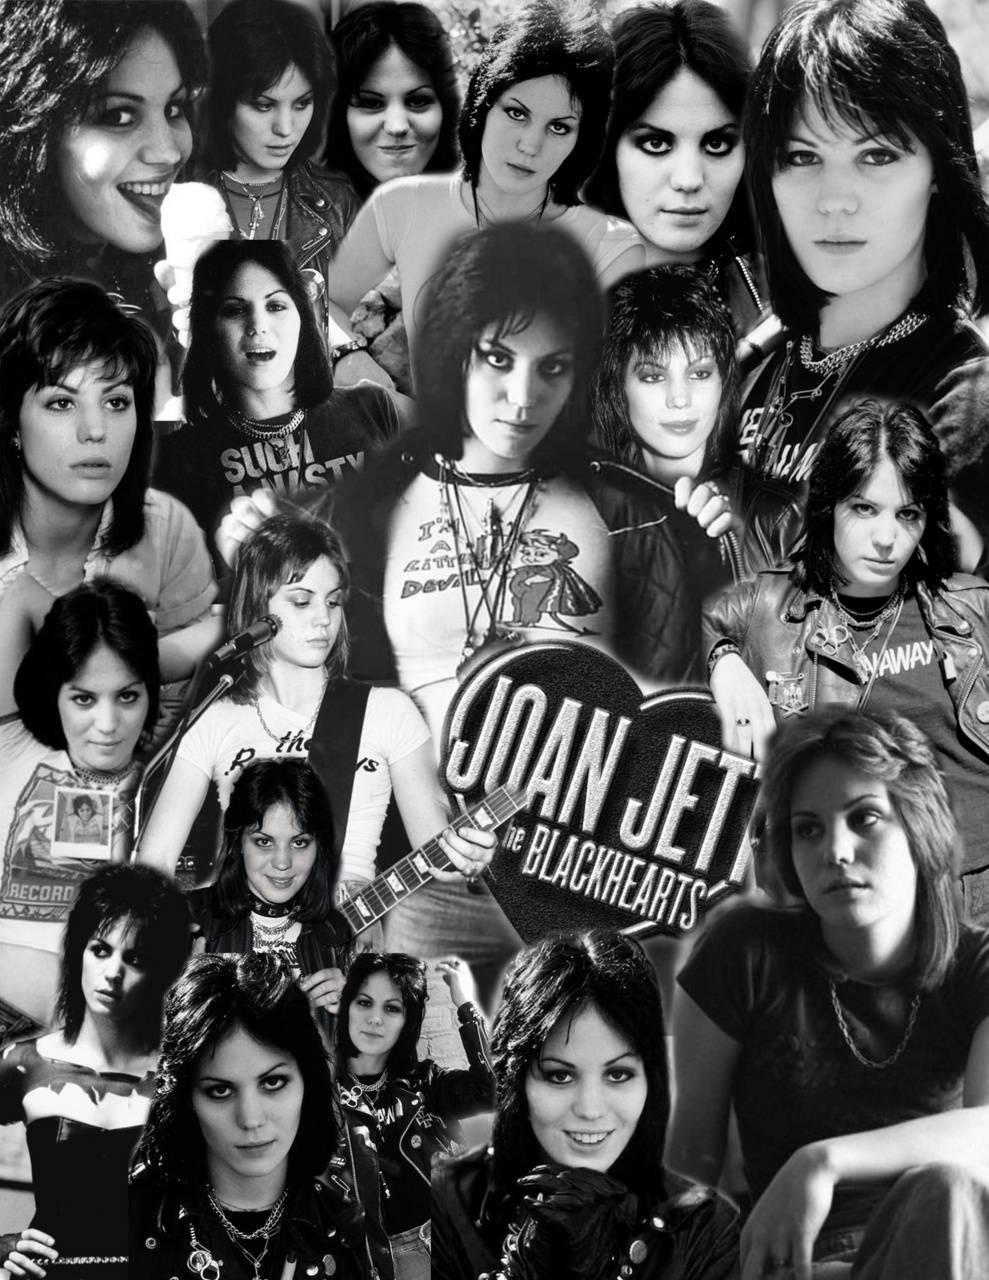 Joan Jet Wallpaper By Keepinitpleasant 8c Free On Zedge